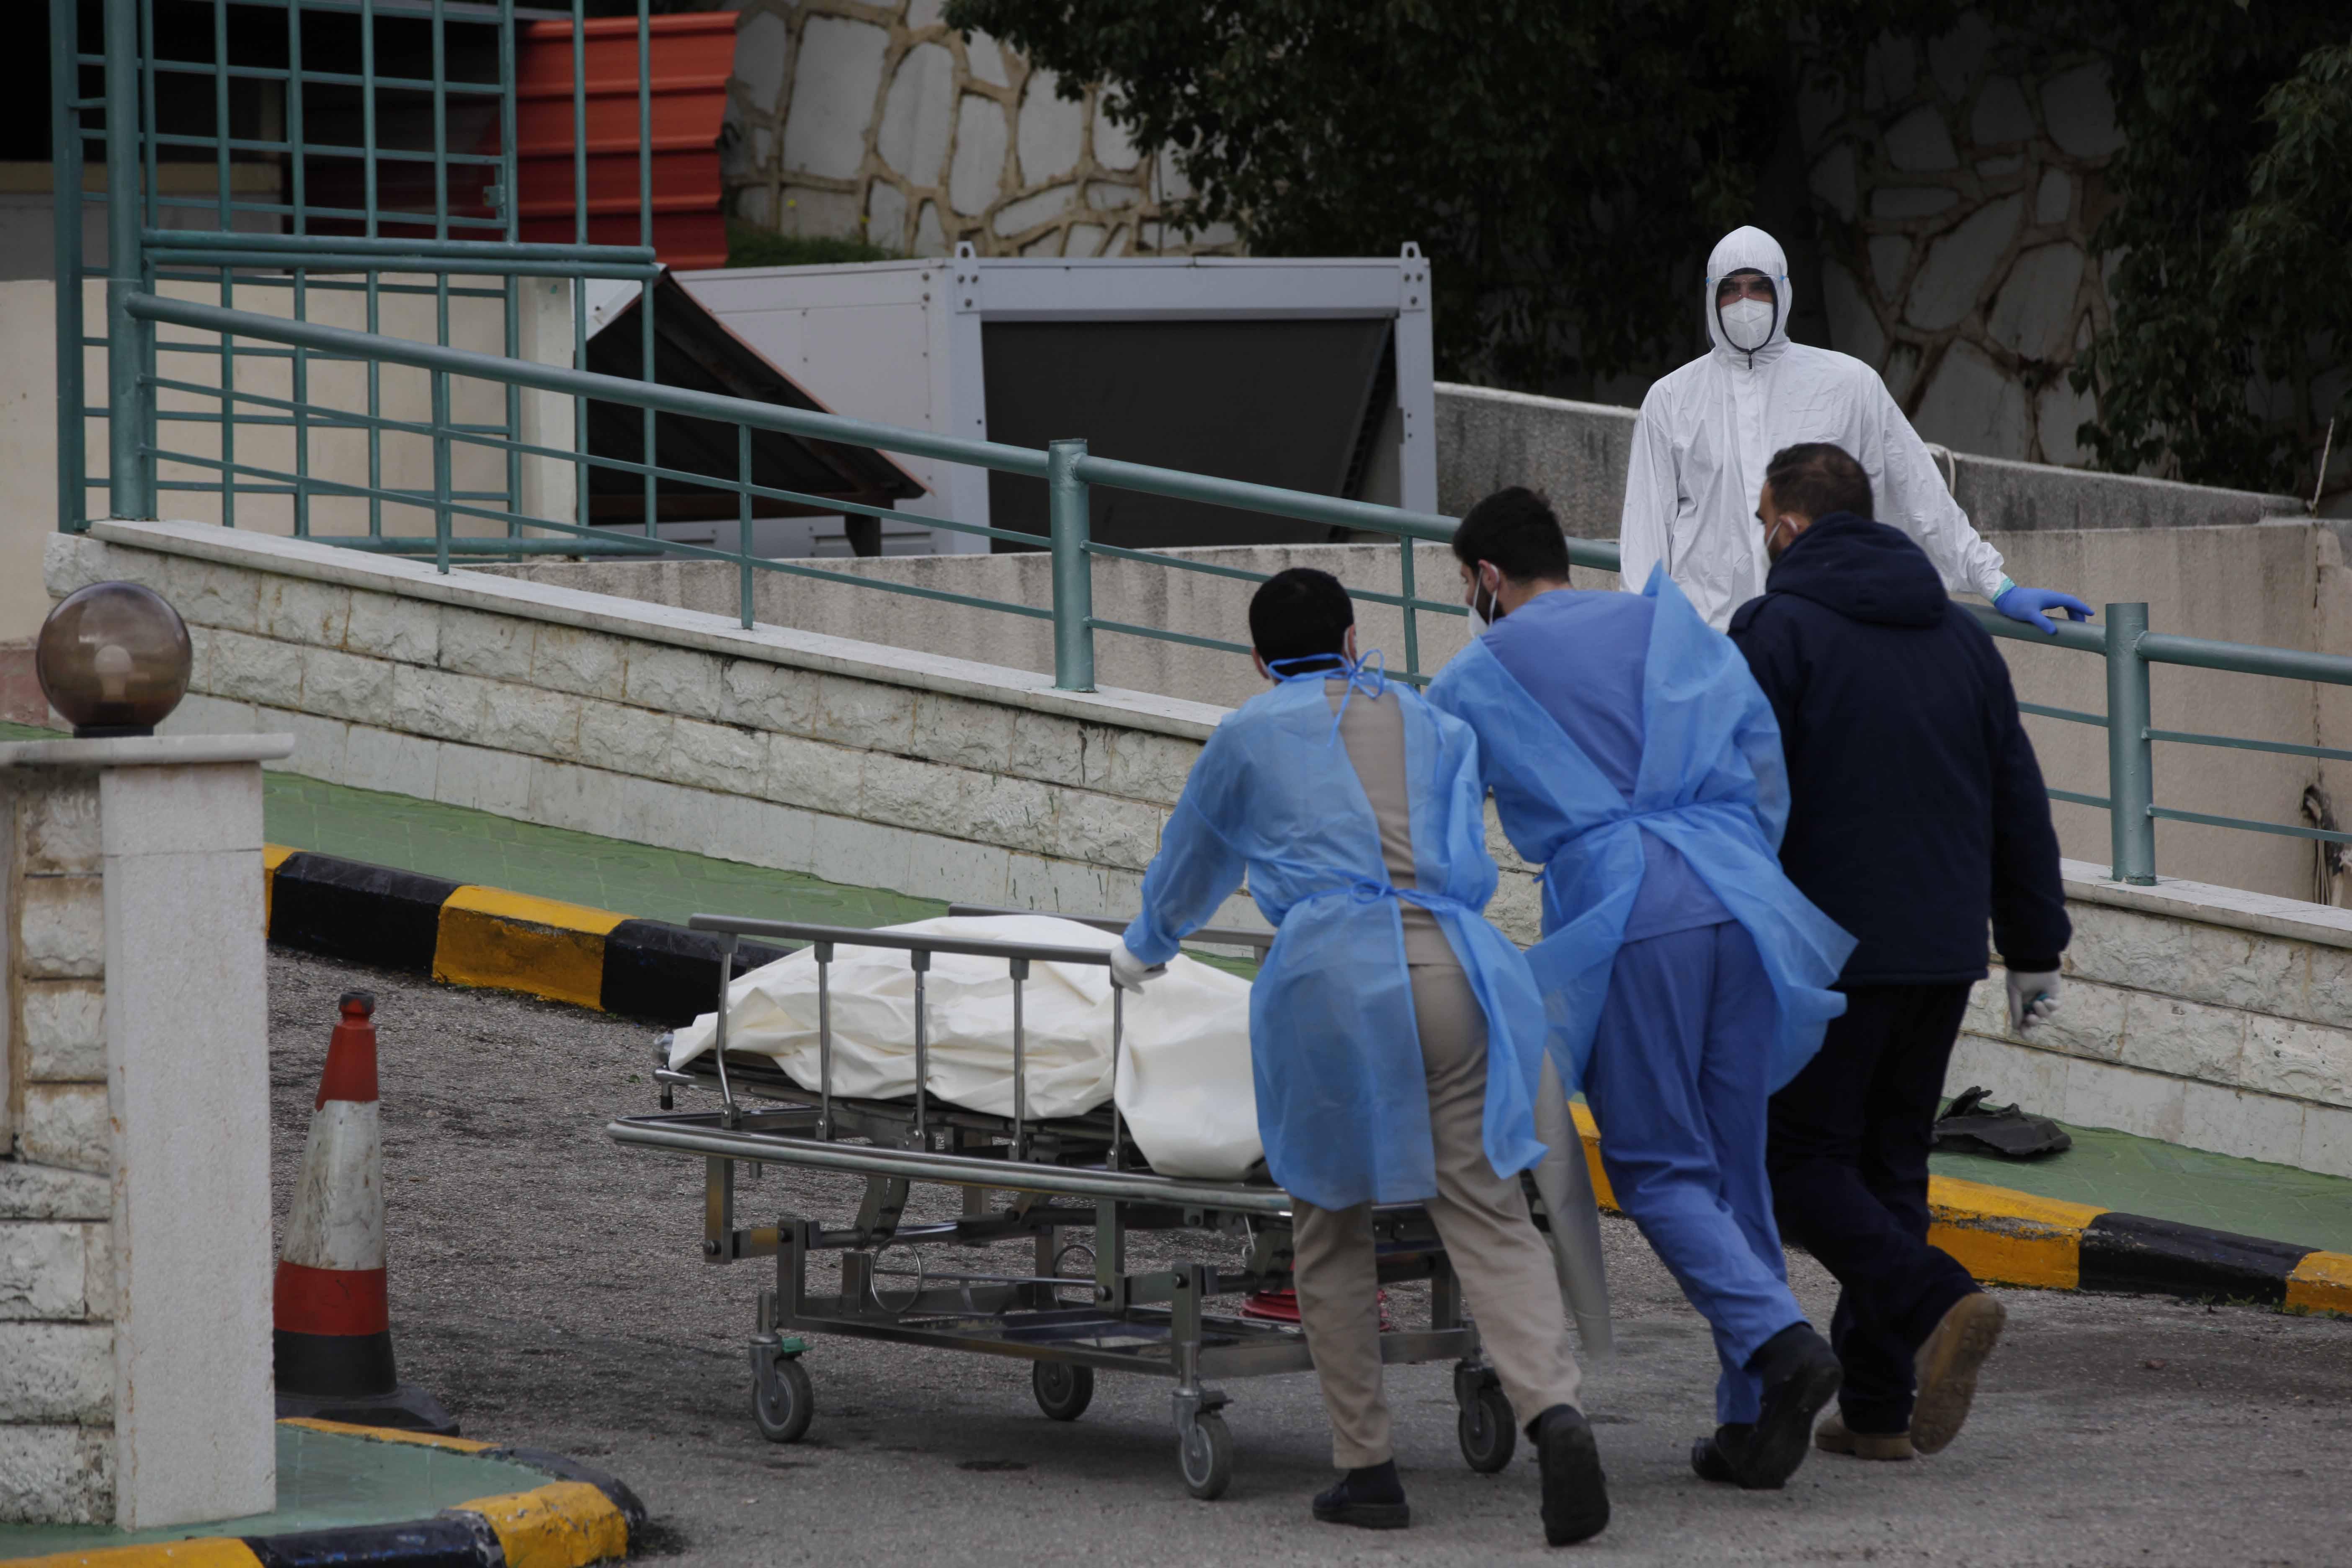 ممرضون فلسطينيون في لبنان 2 (محمد الزعتري)